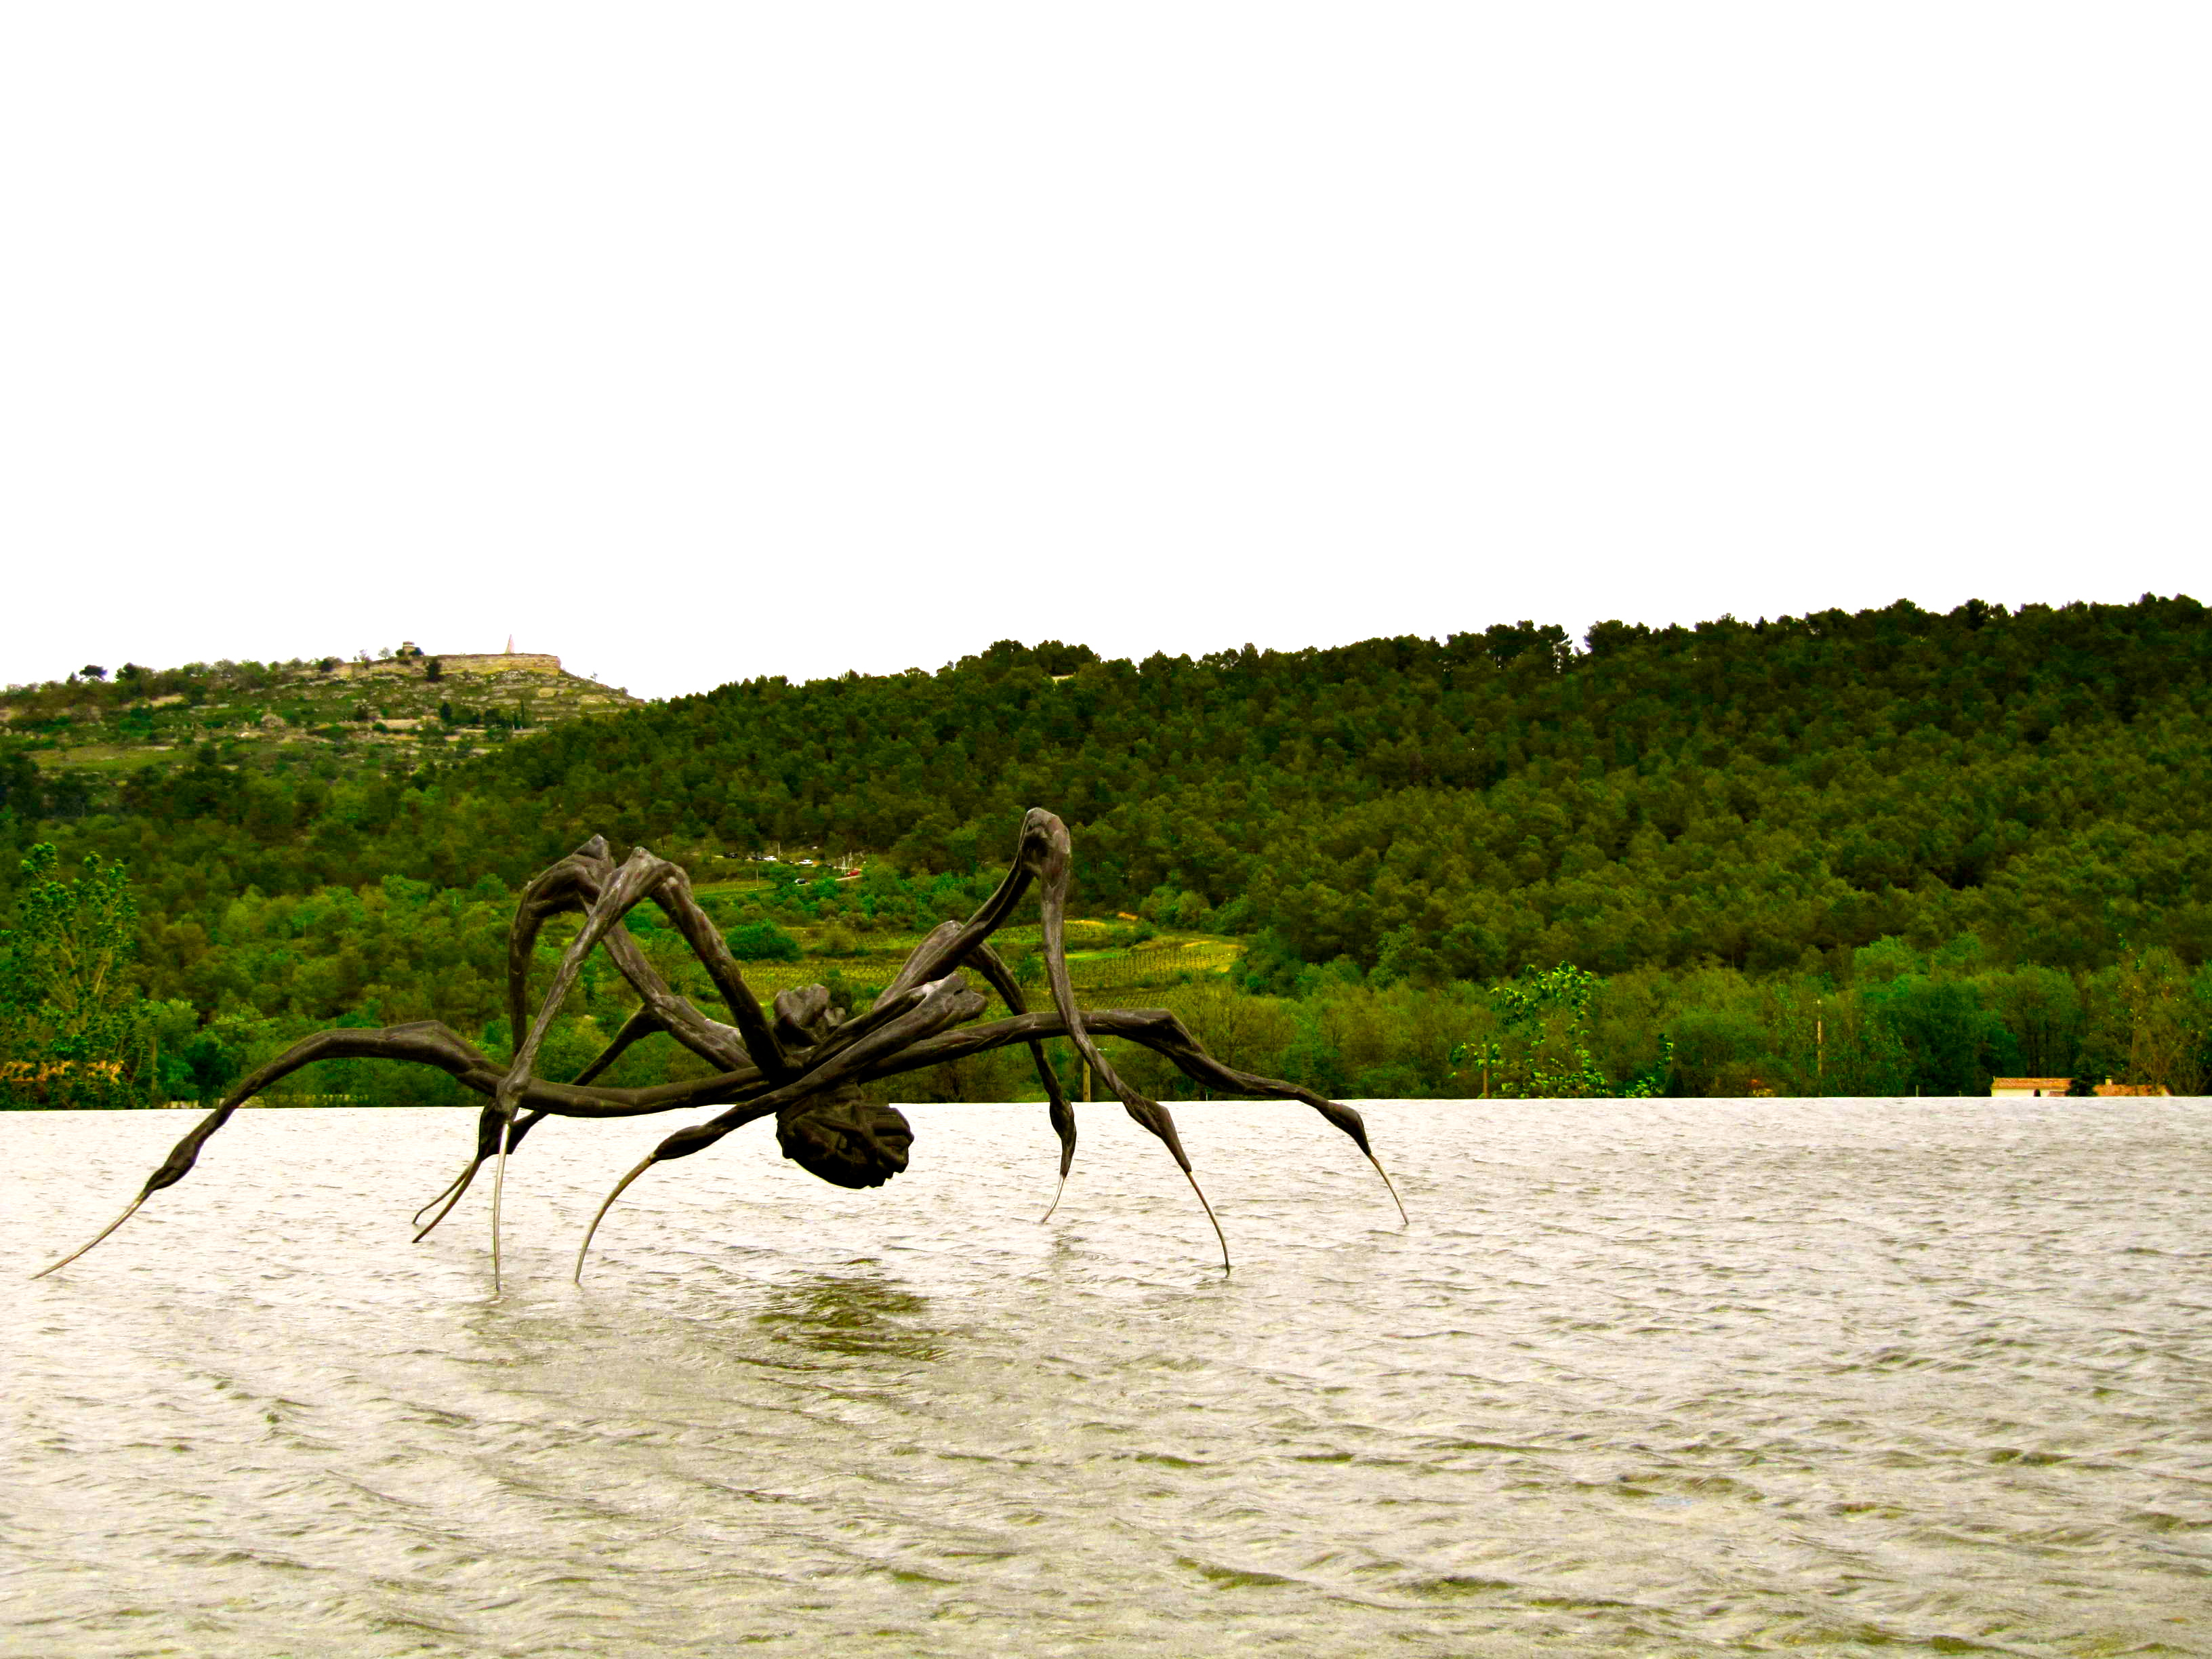 crouching spider 2